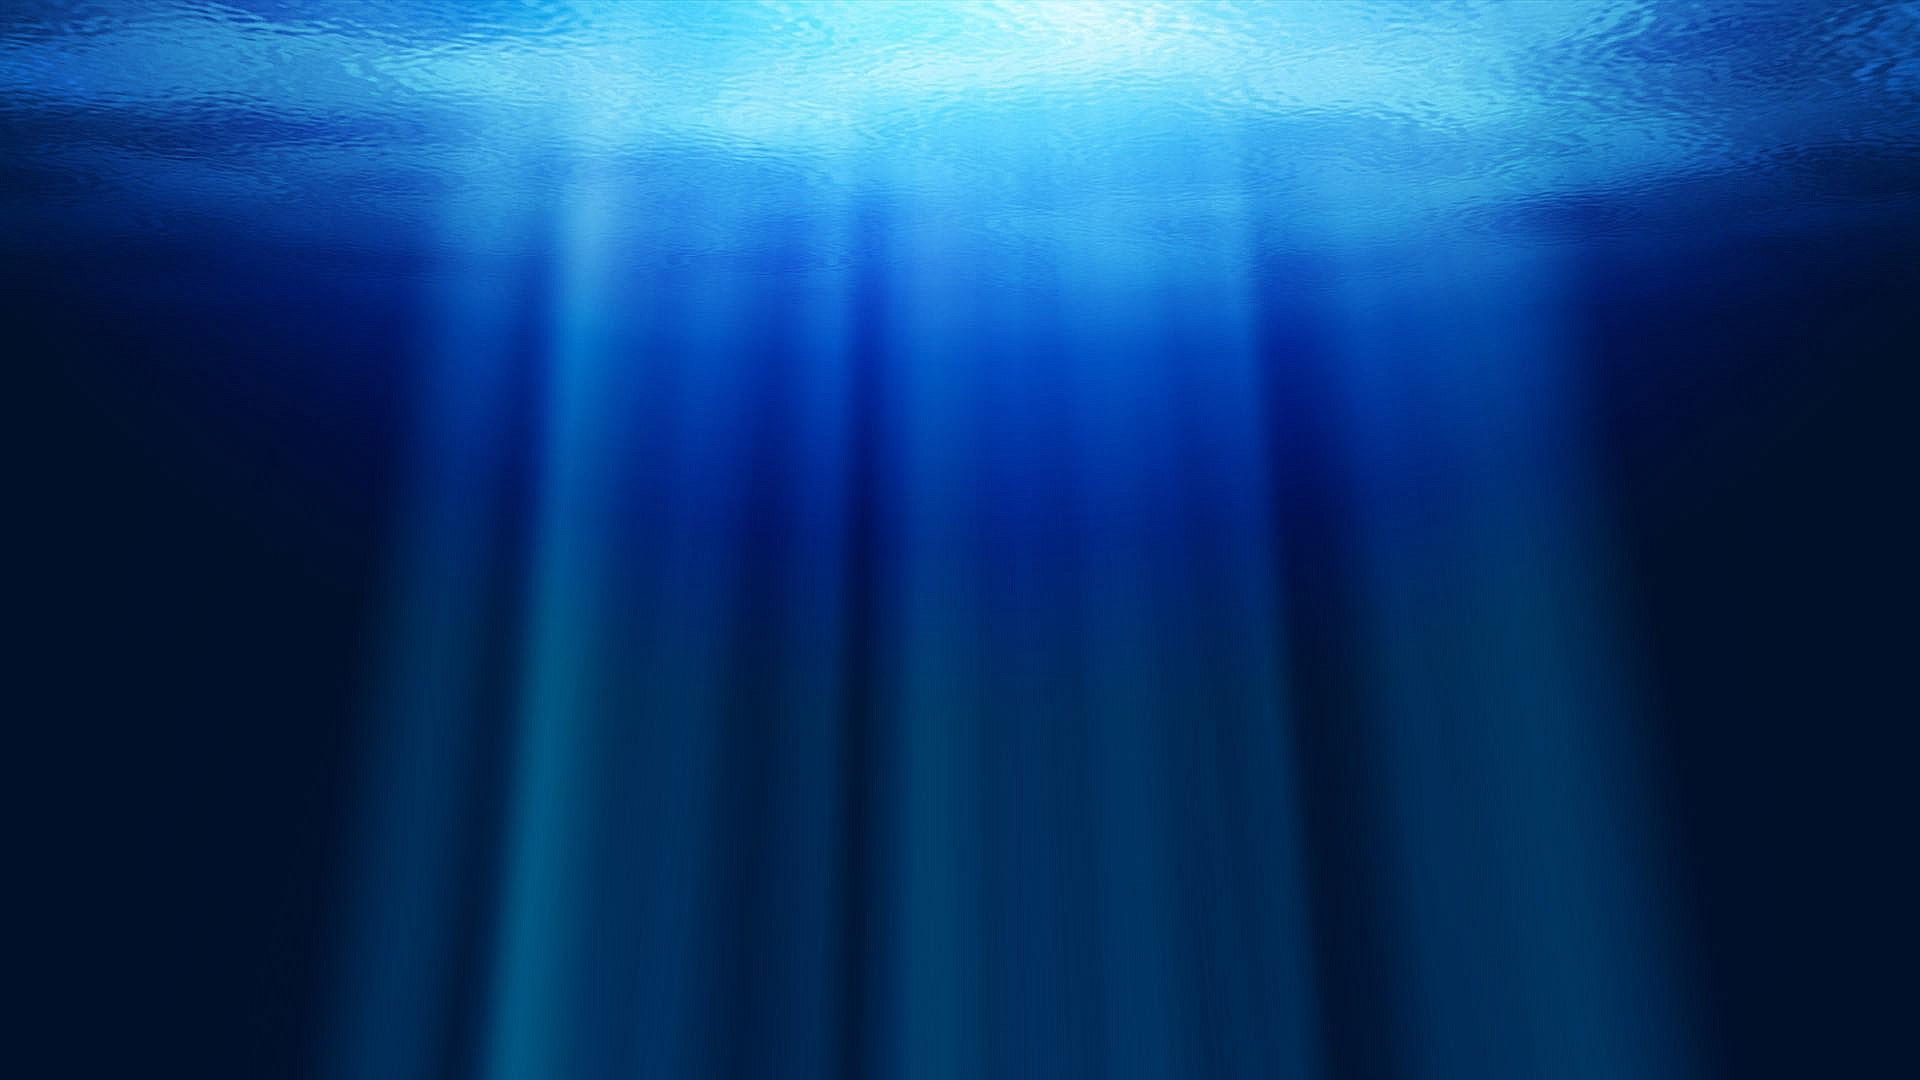 Sfondi luci astratto acqua riflessione cielo for Sfondi 1920x1080